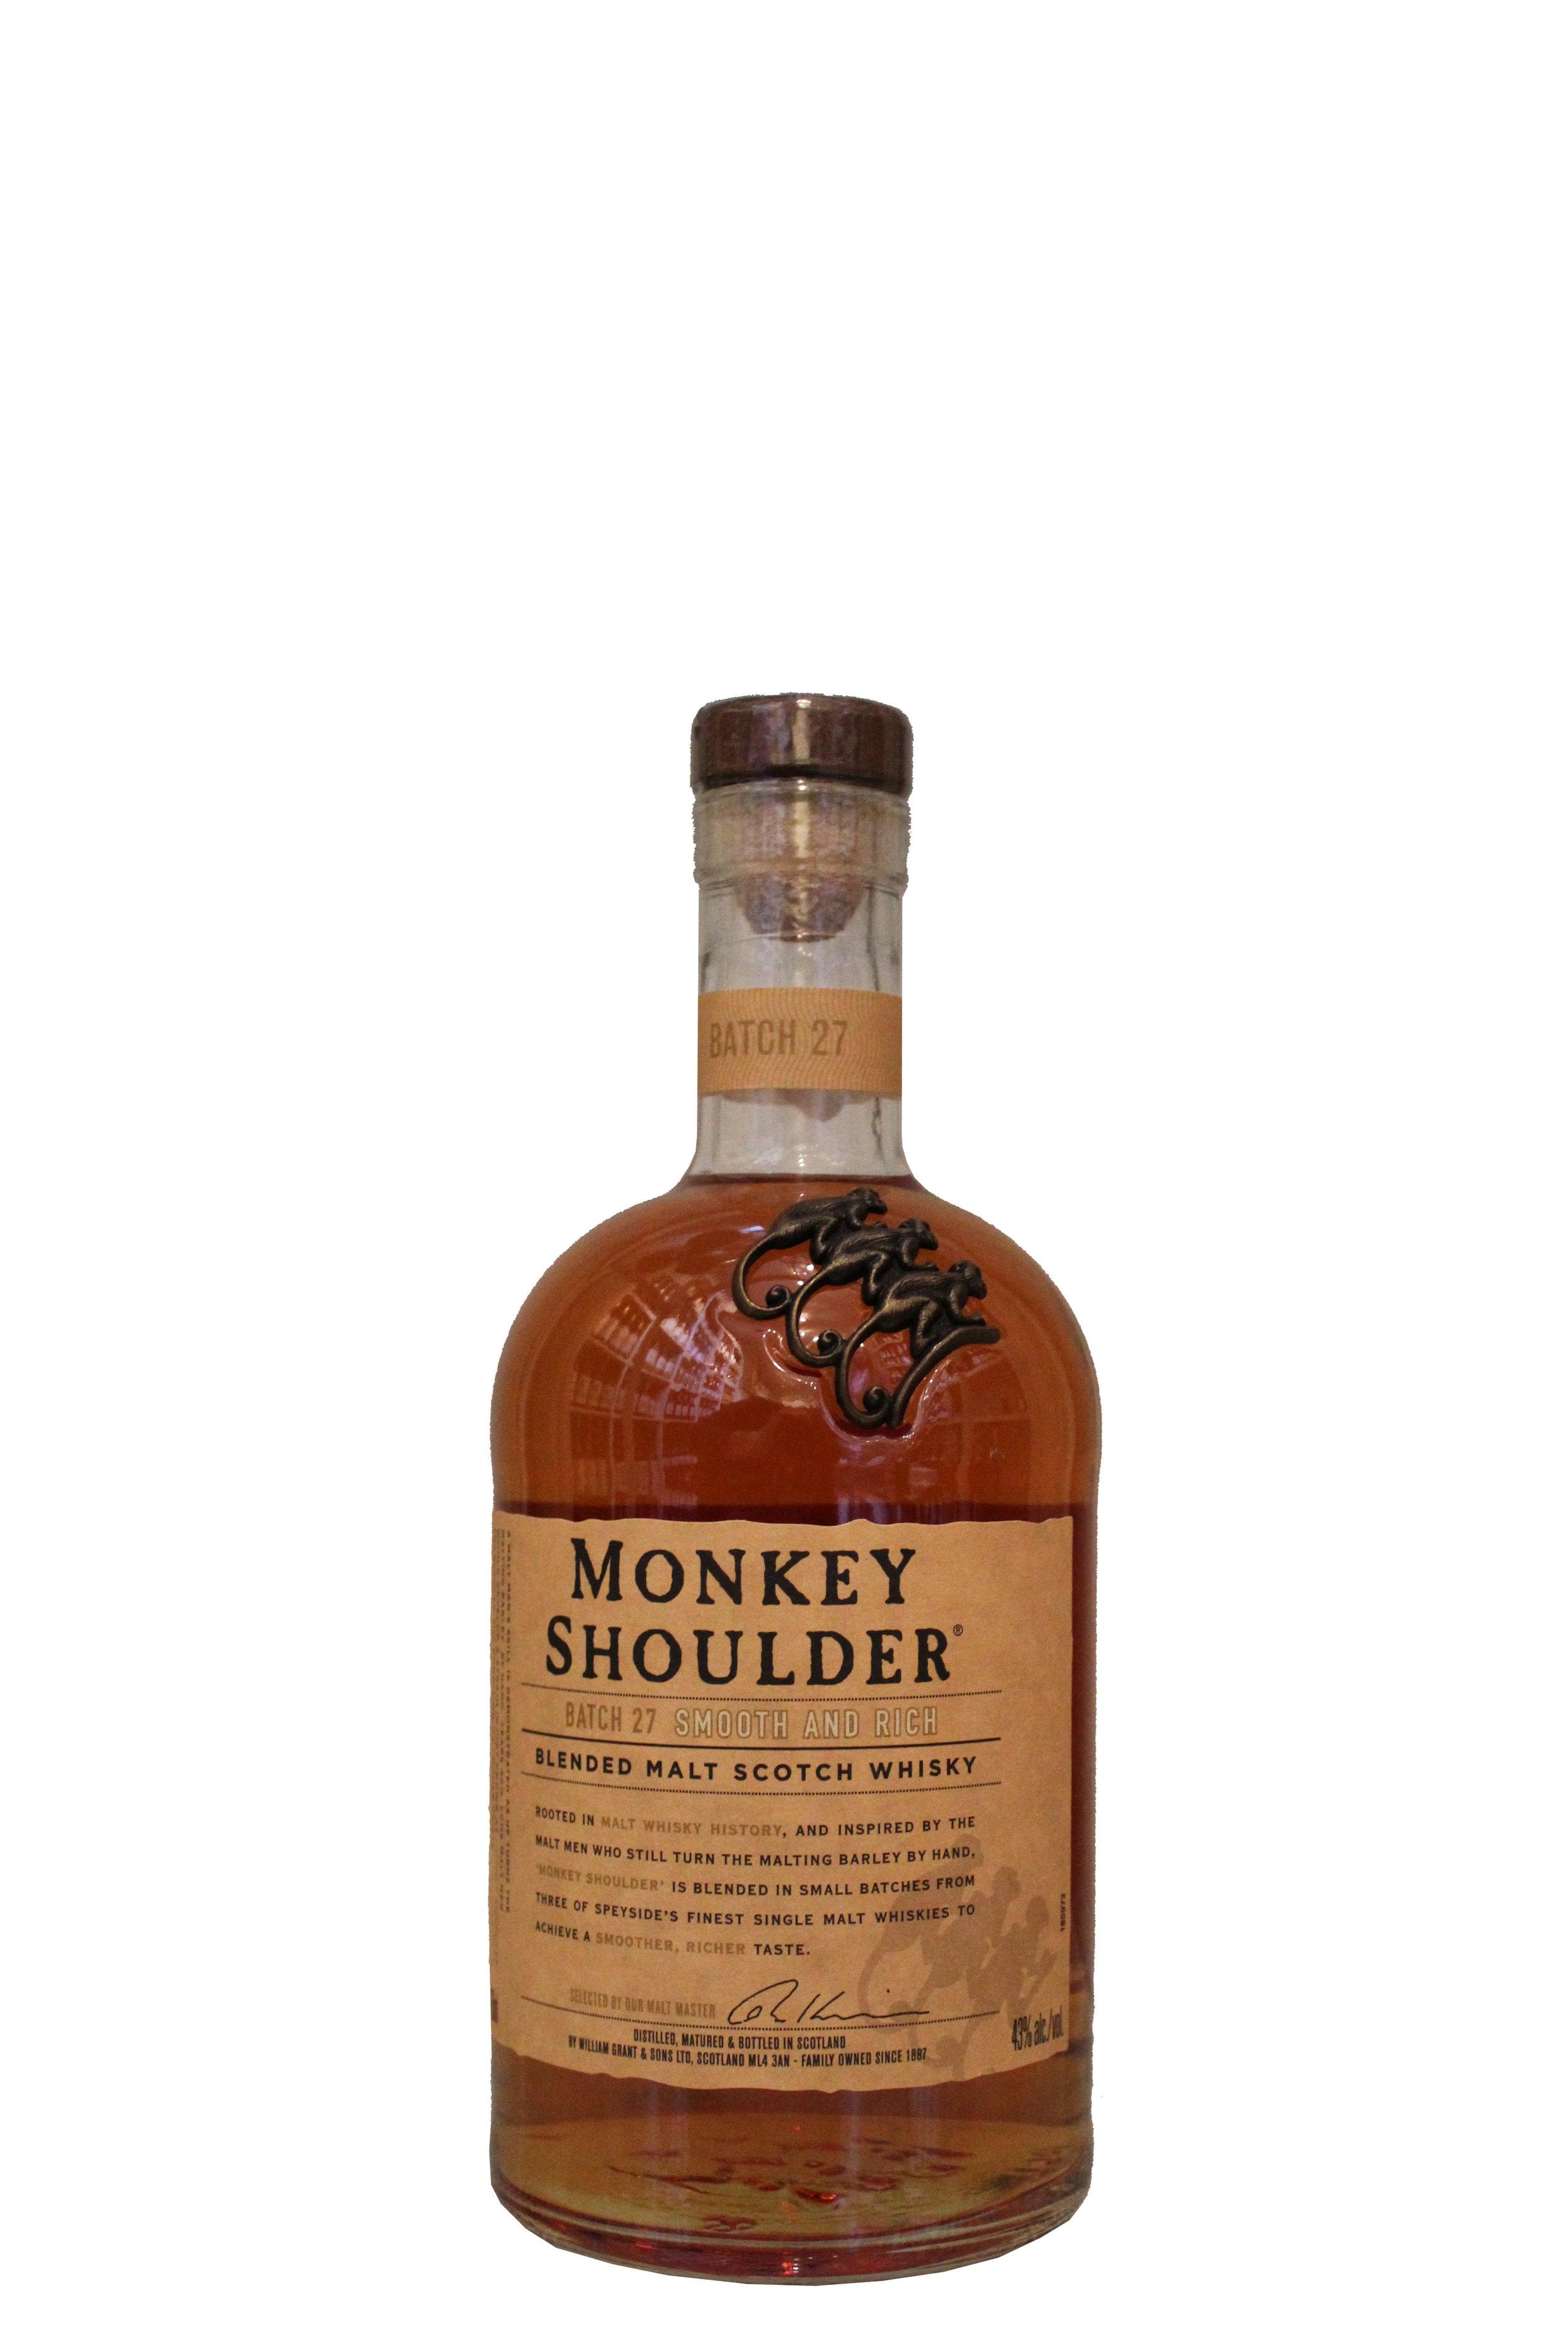 Malt Scotch Whiskey  Monkey Shoulder, Scotland